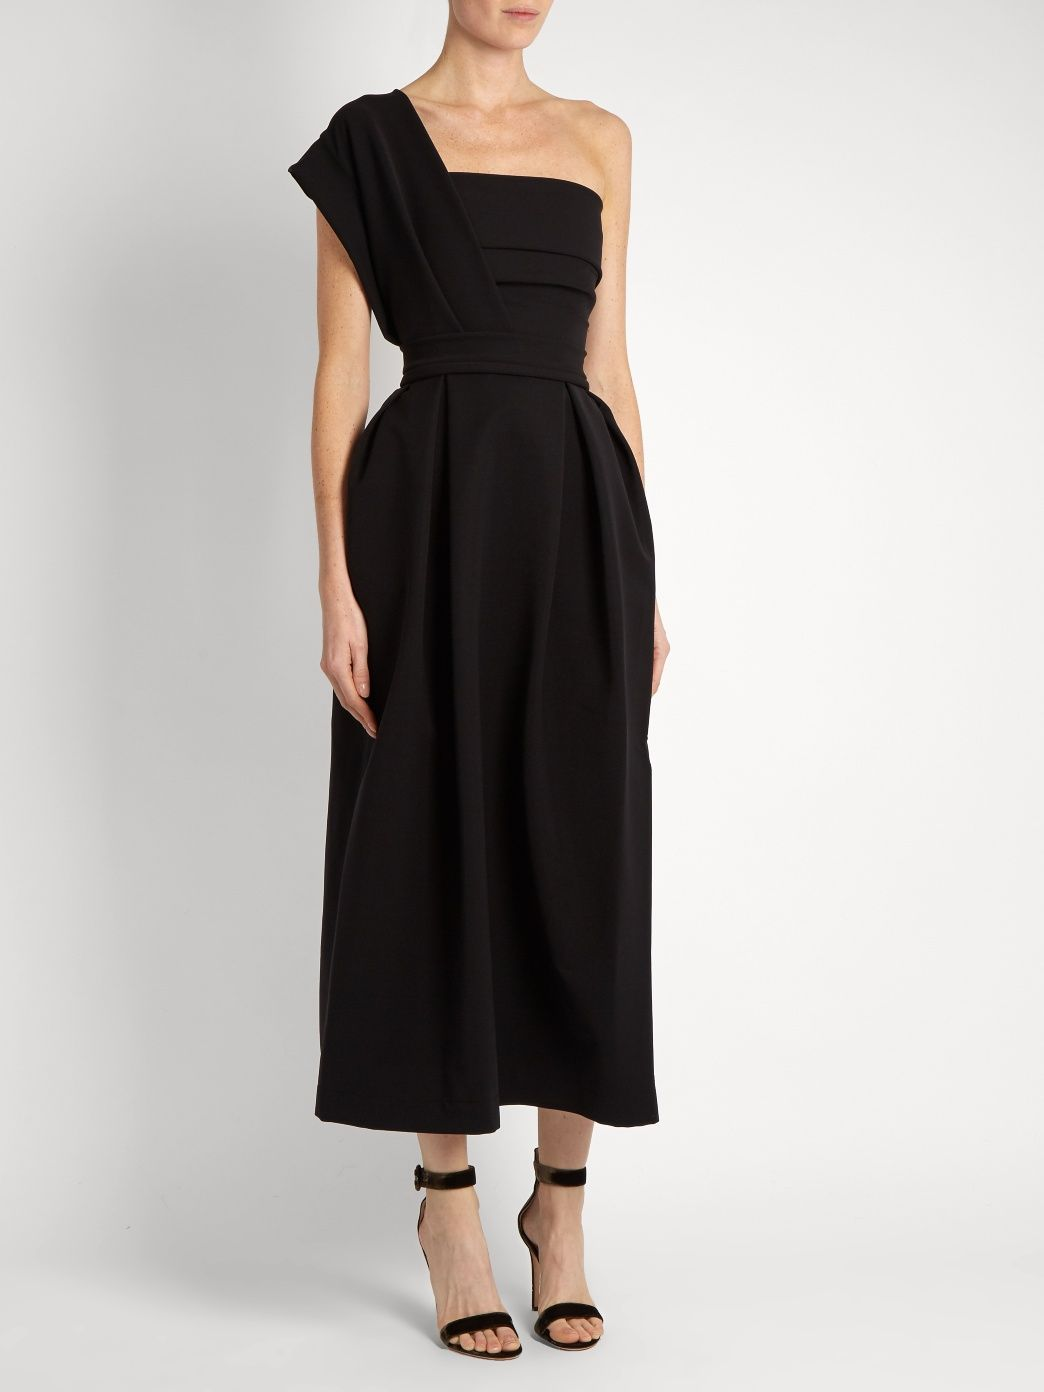 Ace one-shoulder pleated stretch-cady midi dress | Preen By Thornton Bregazzi | MATCHESFASHION.COM